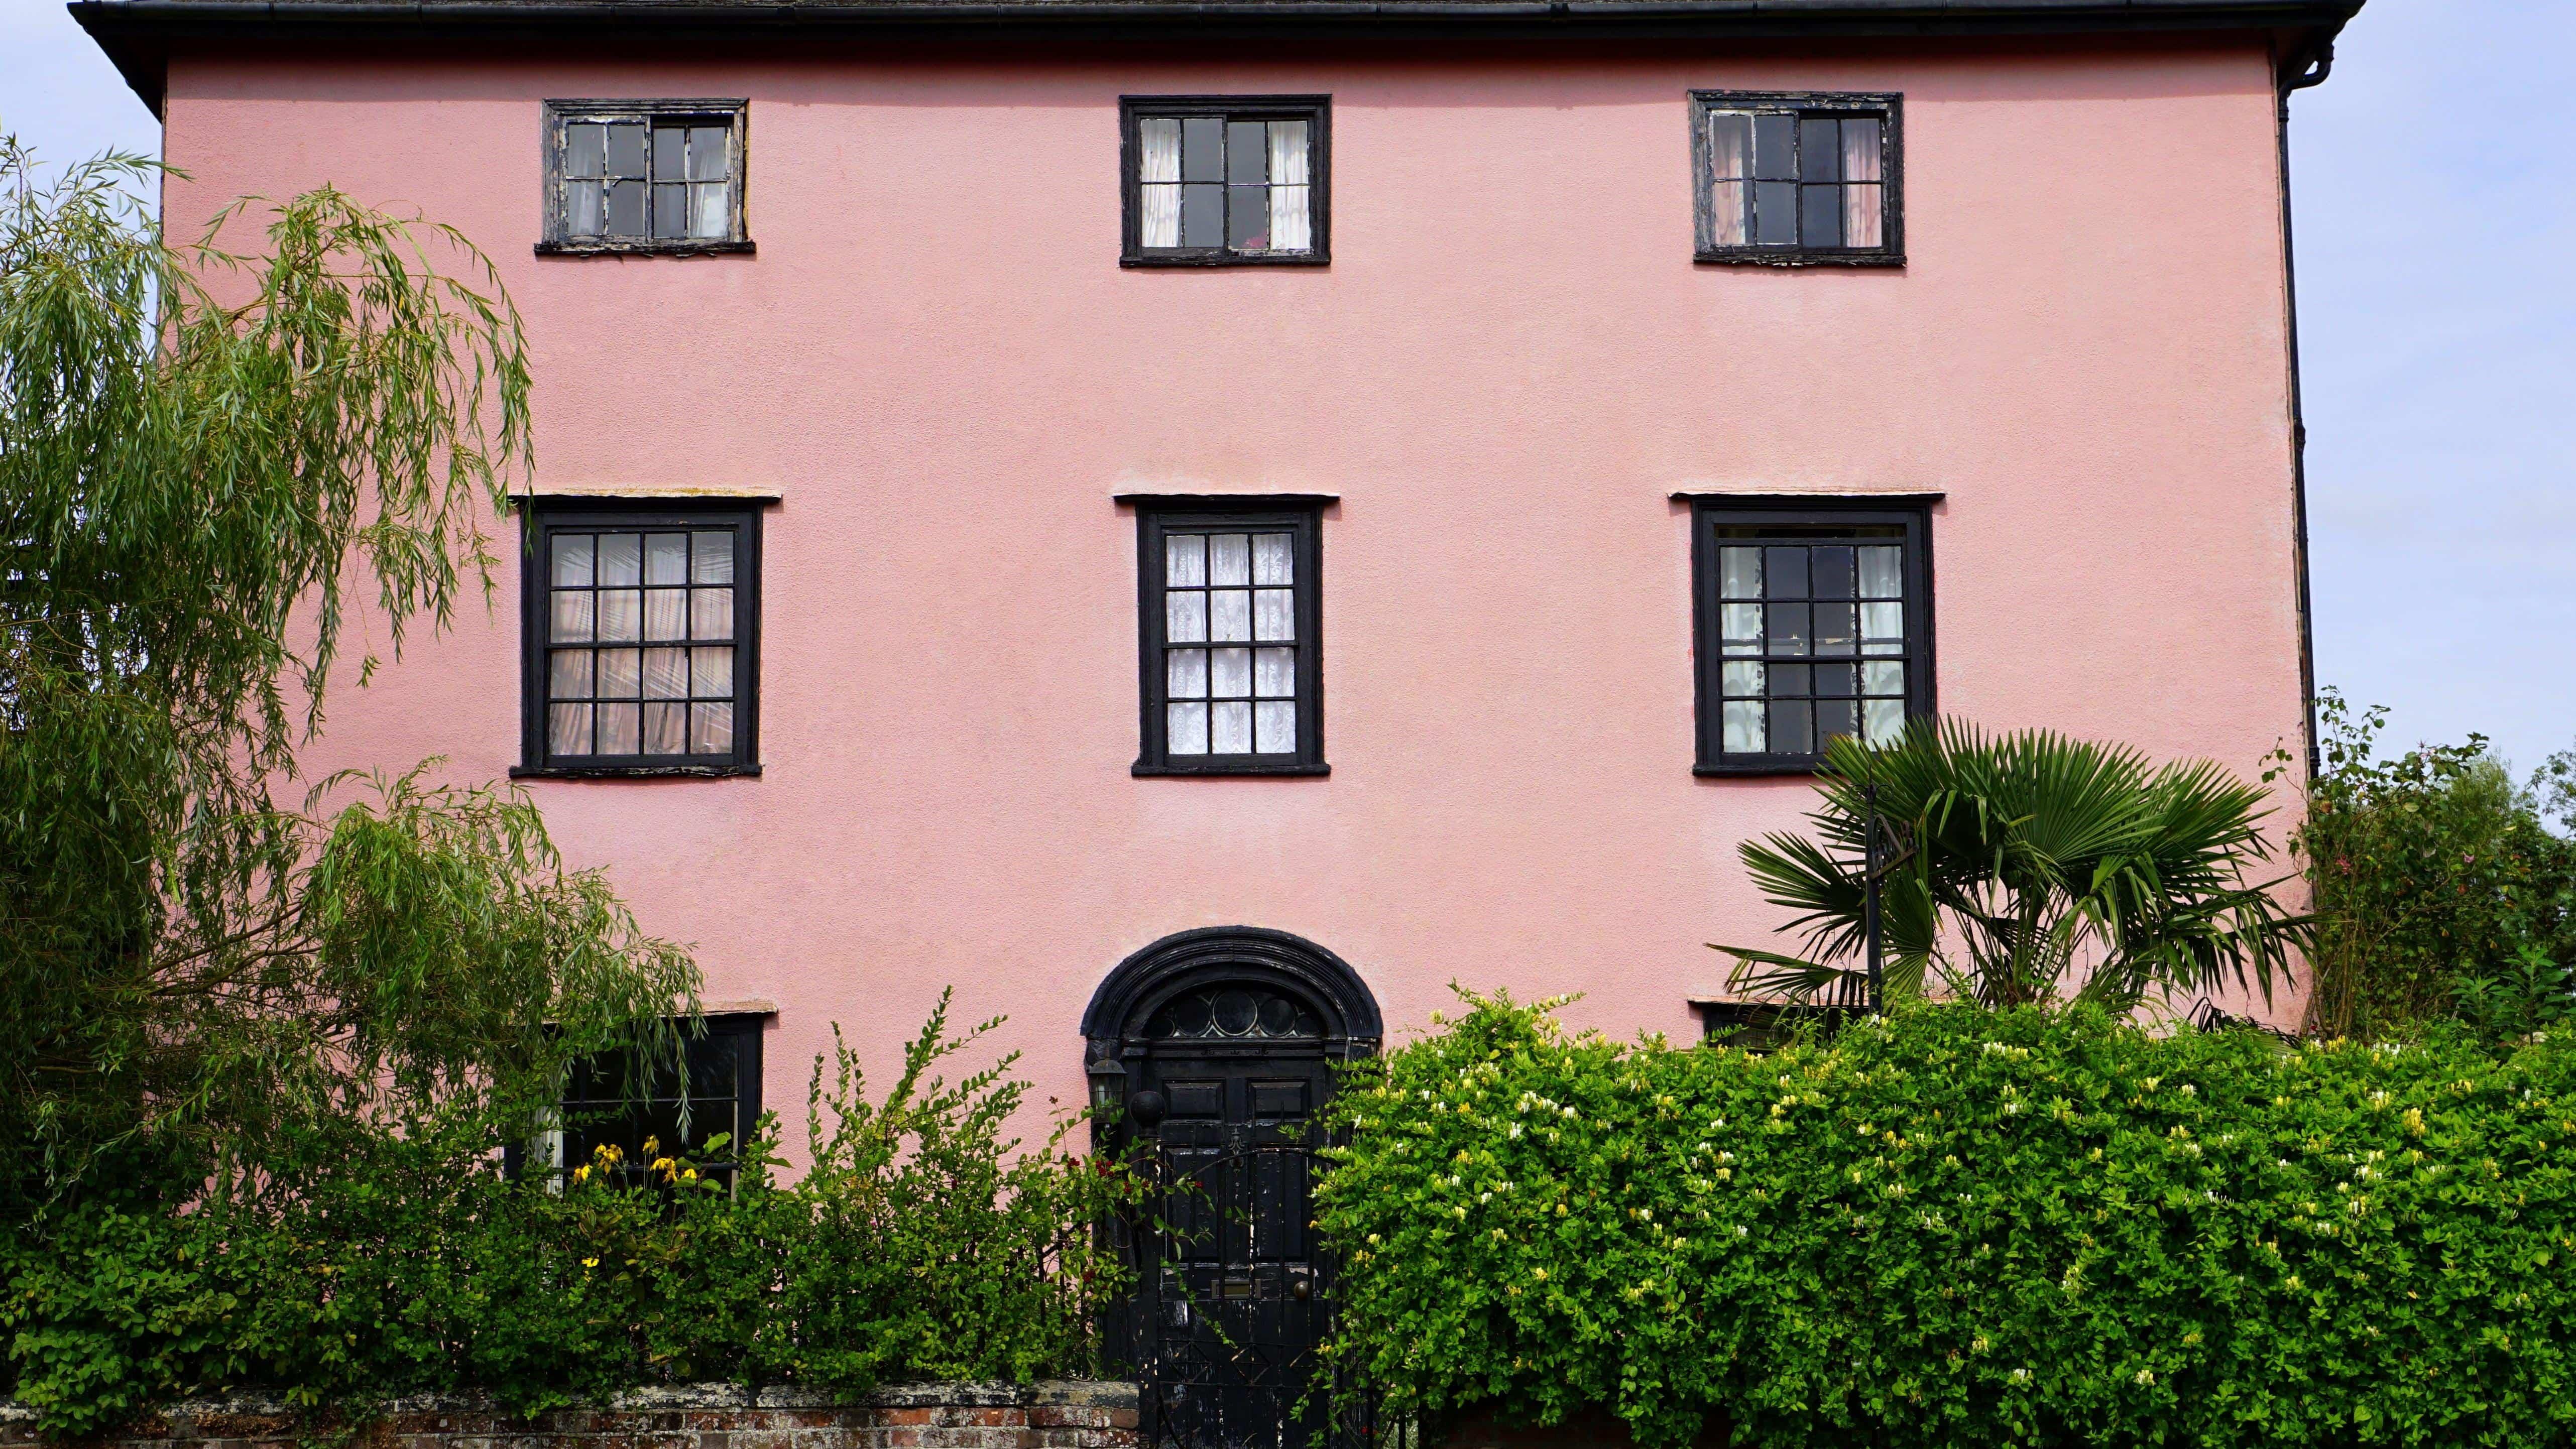 Kostenlose Bild Haus Architektur Rosa Fassade Haus Struktur